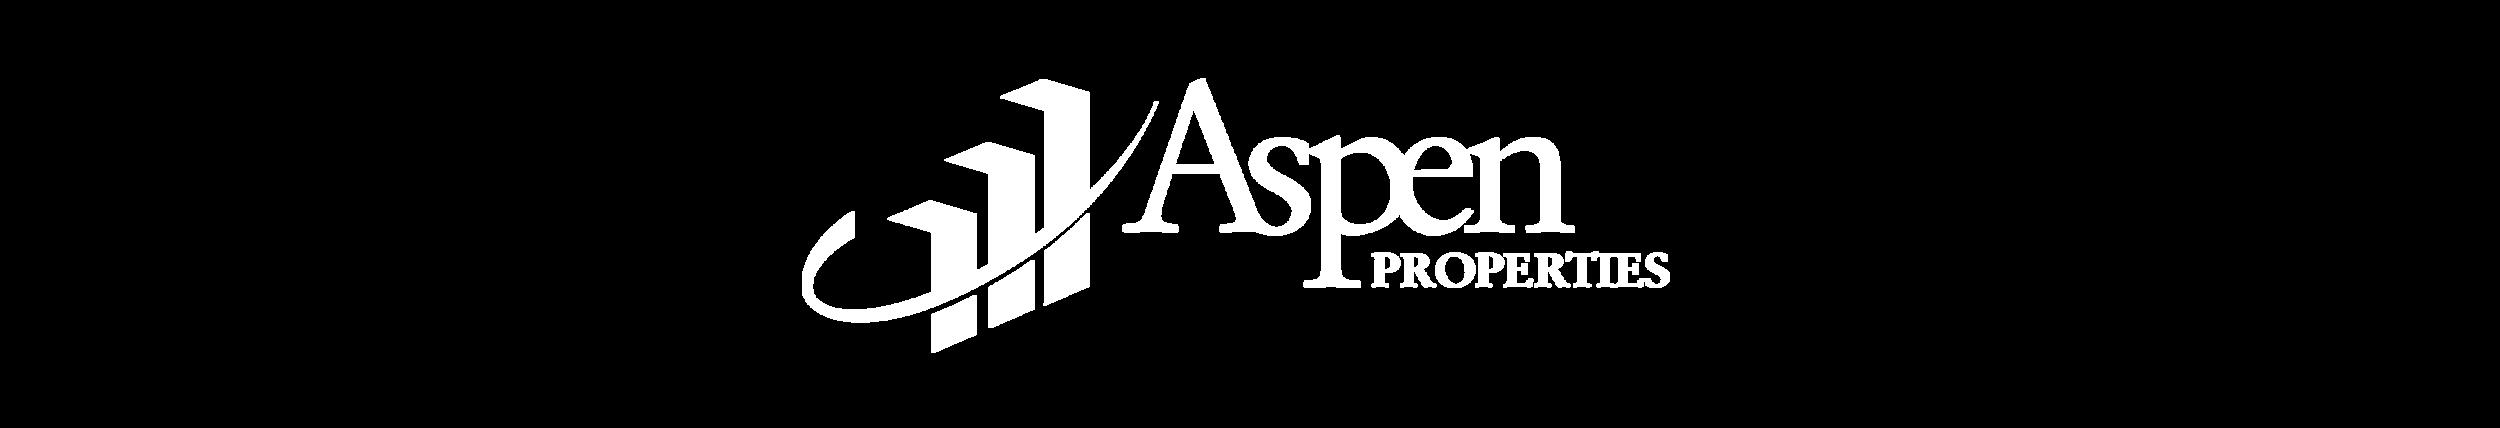 AspenLogo-WhiteWebFooter.png